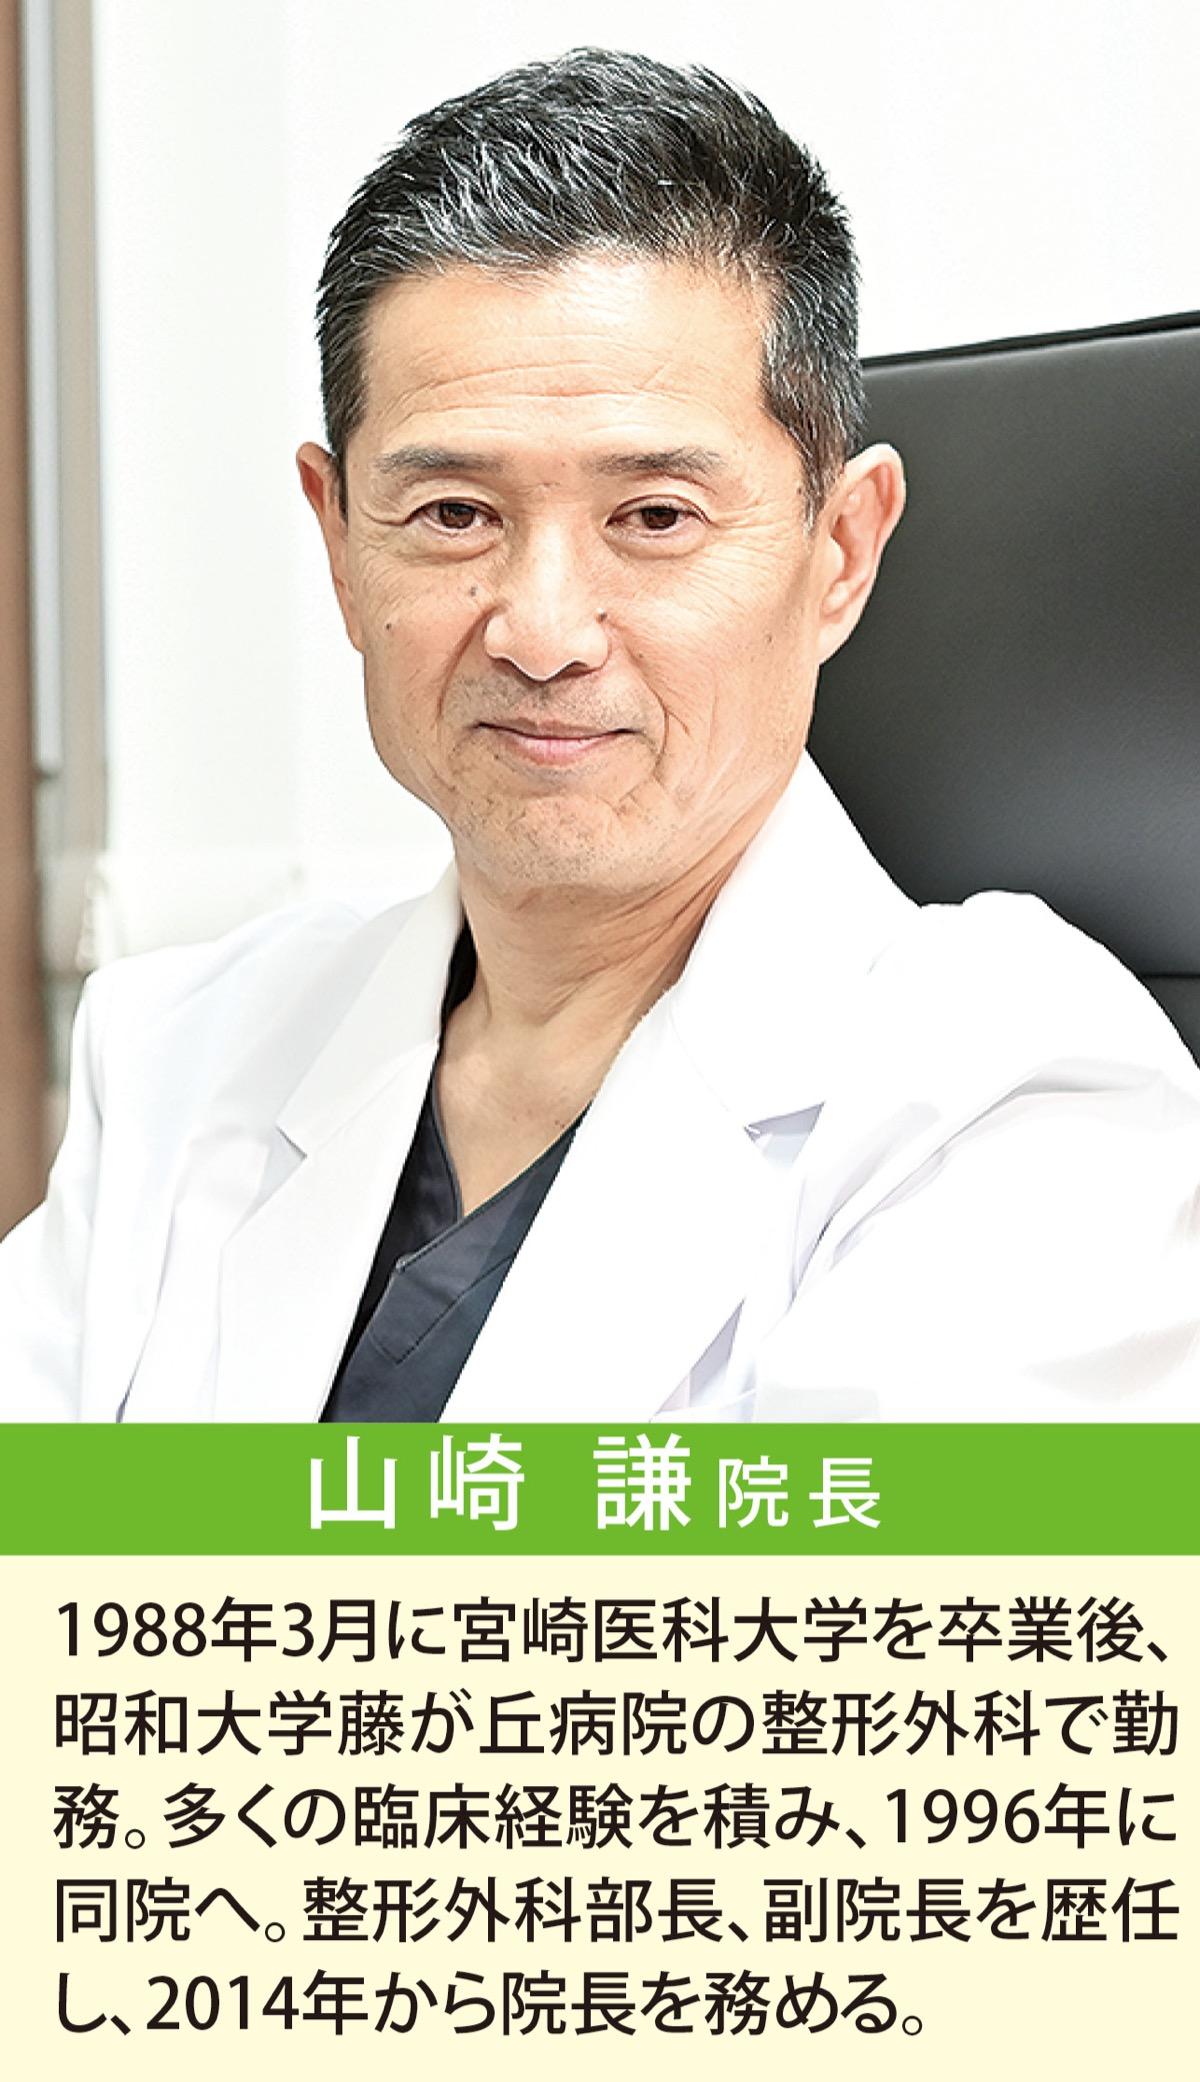 東戸塚記念病院 「膝痛」軽減する治療導入 検査など予防医学も注力